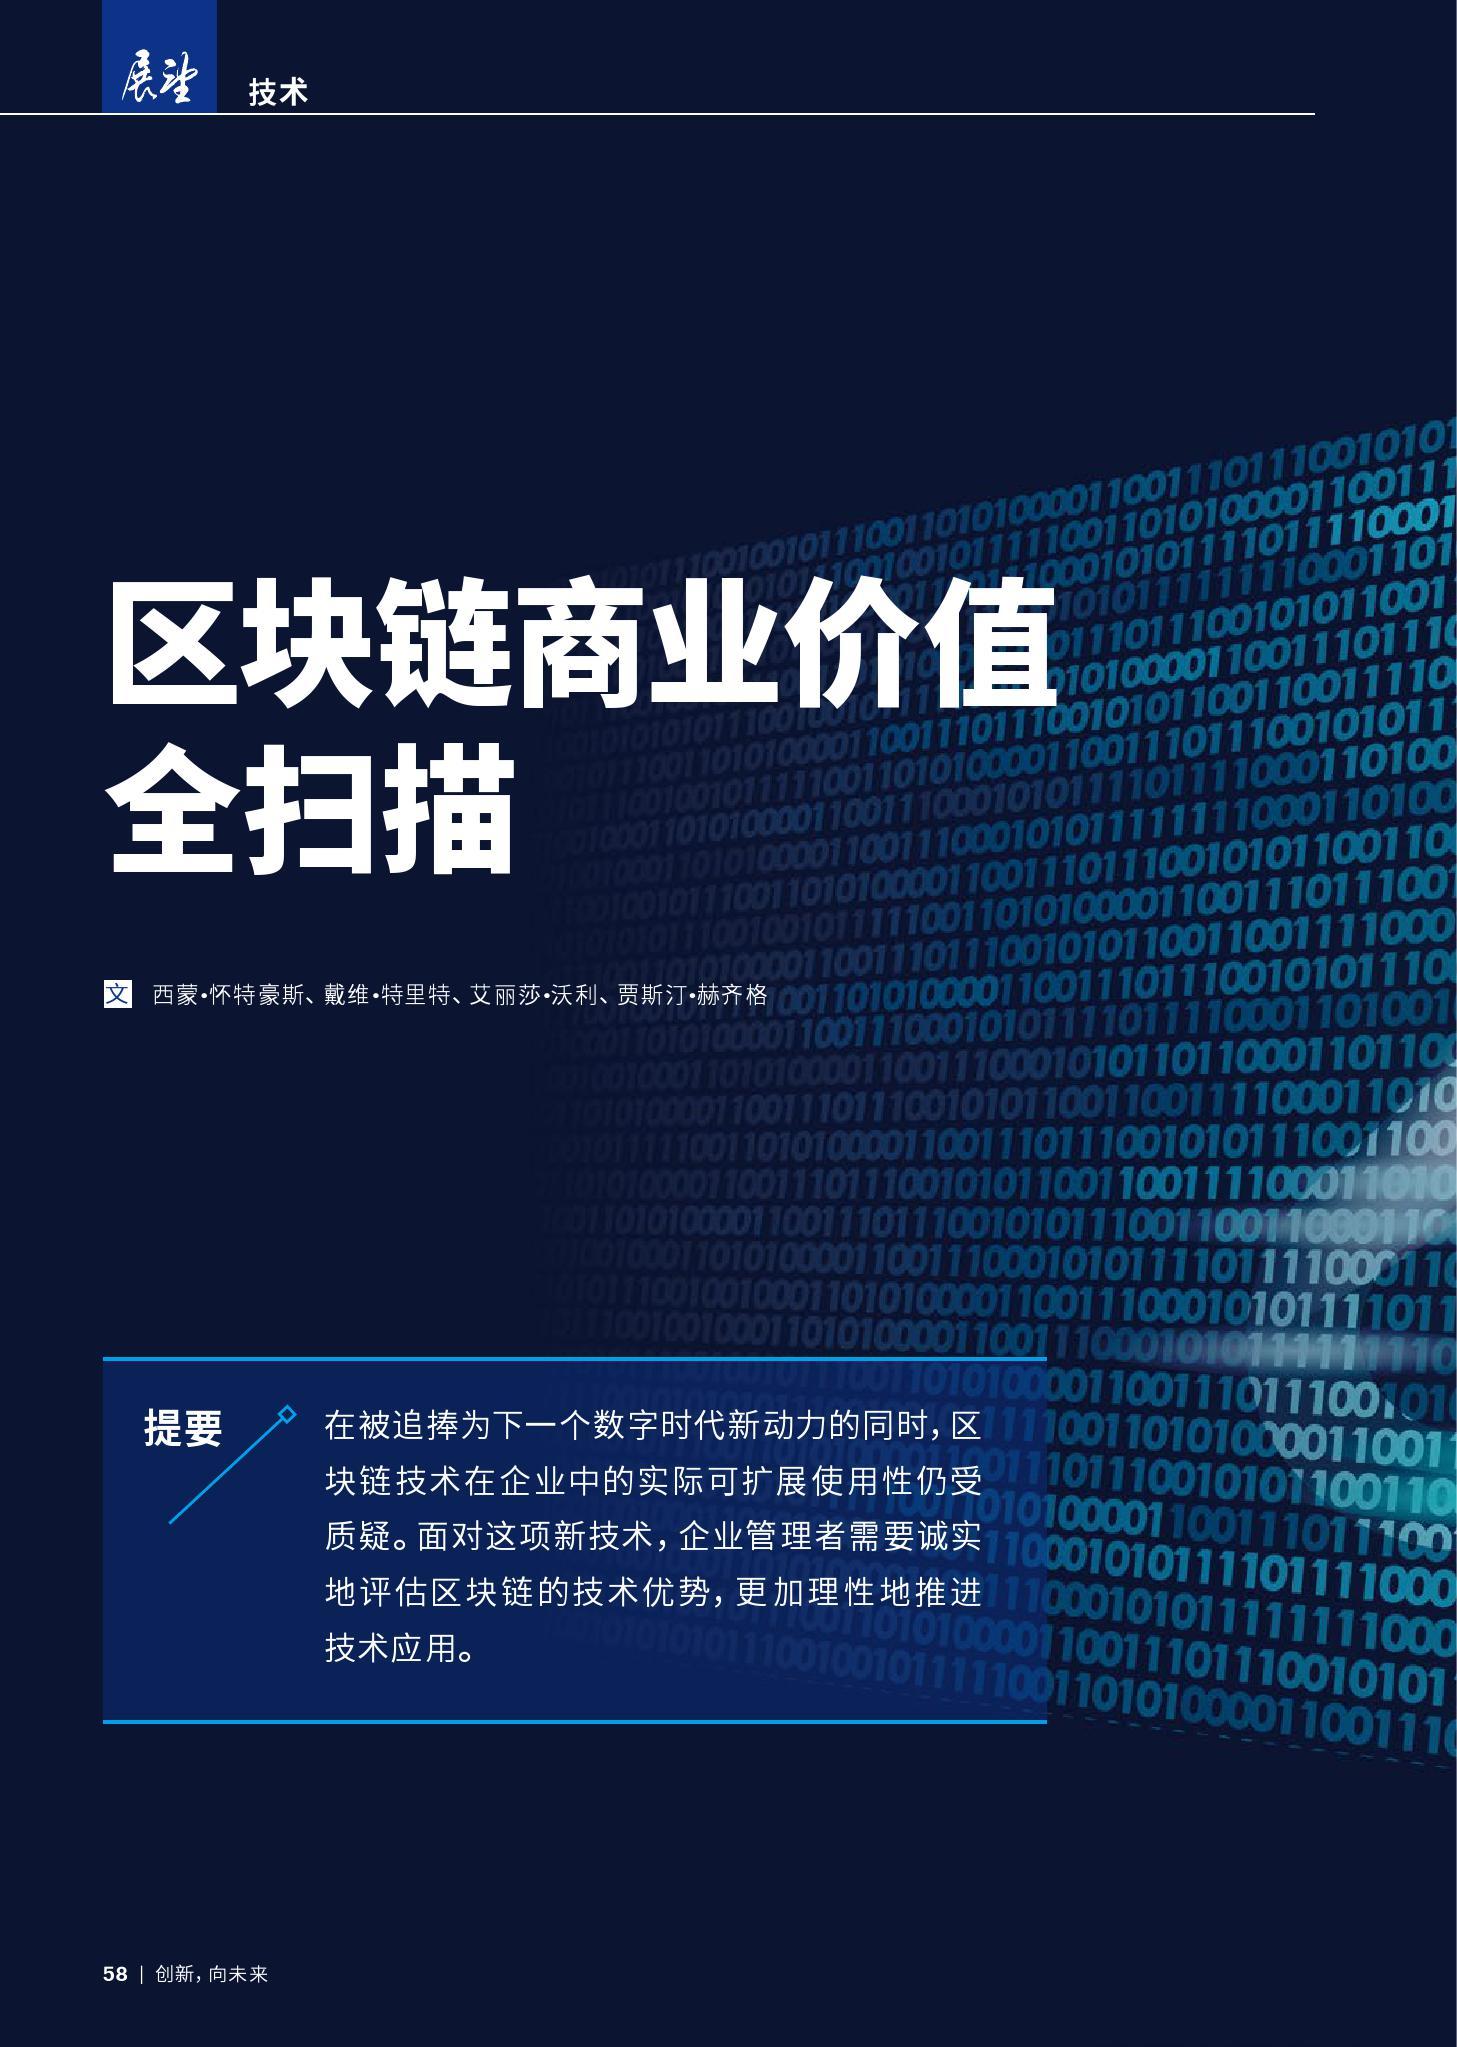 埃森哲:区块链商业价值全扫描(附下载)